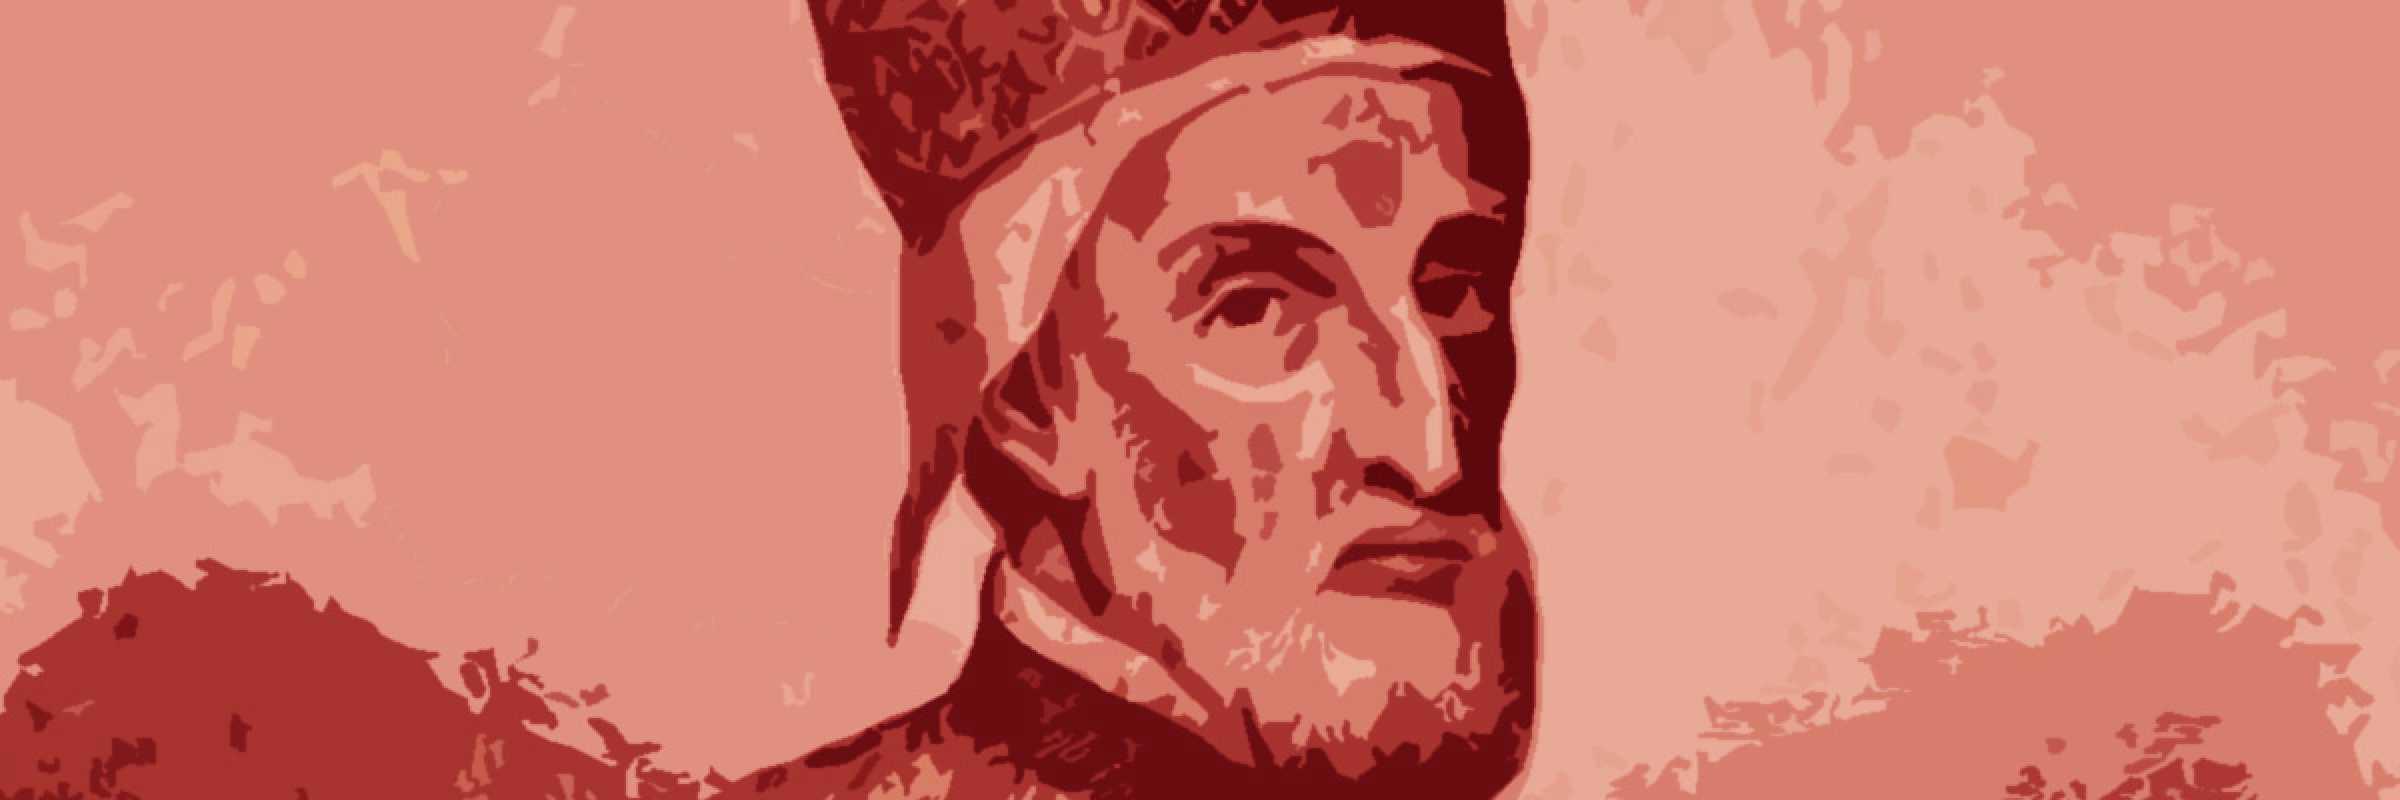 Incisione raffigurante il doge Nicolò Tron